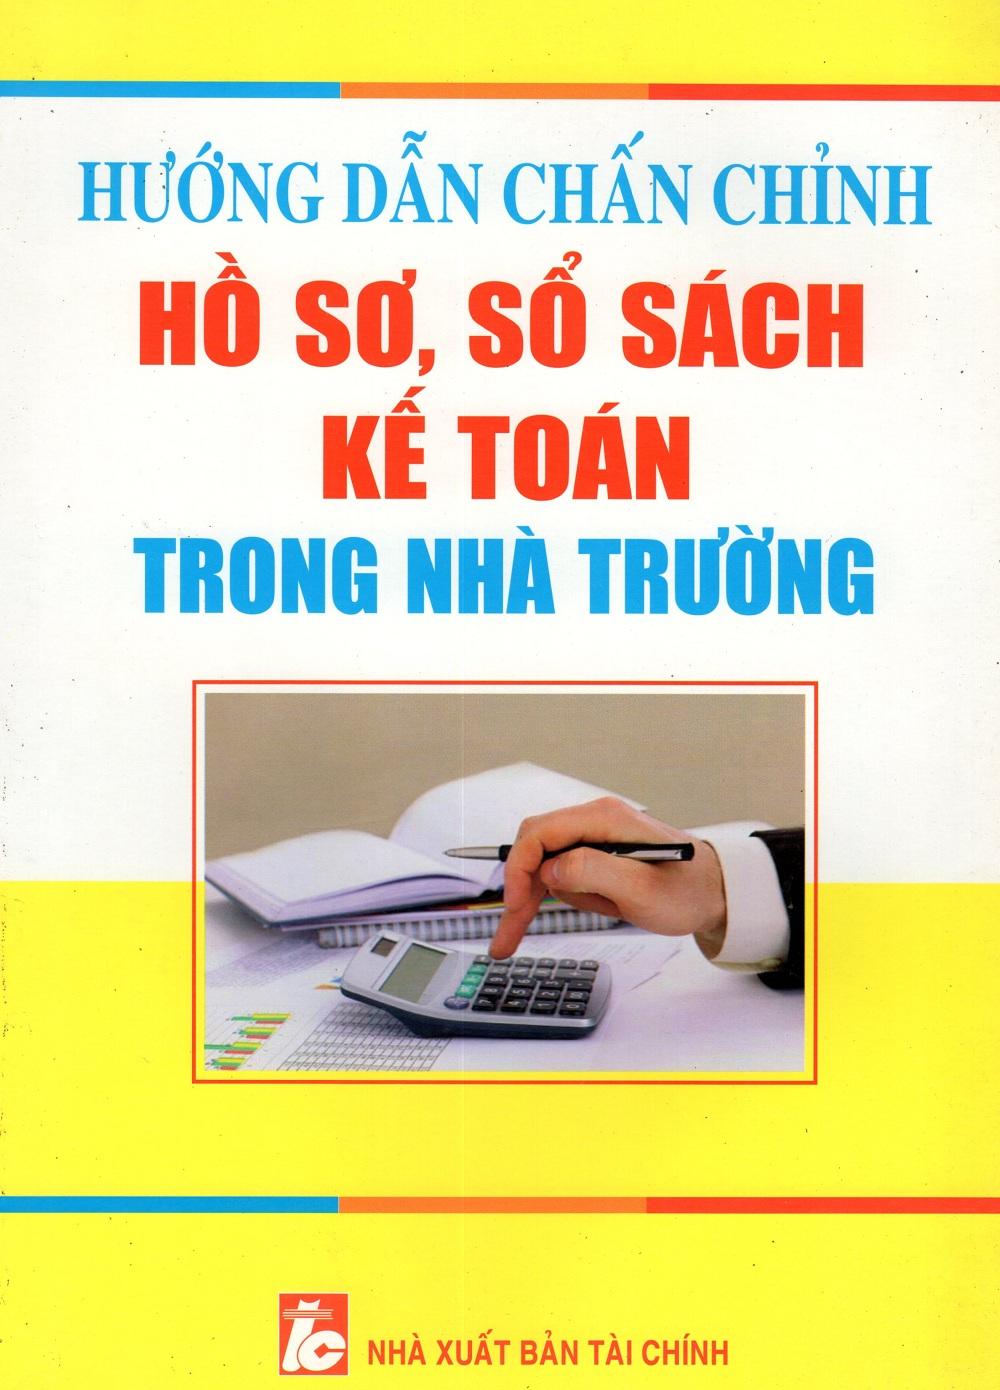 Hướng Dẫn Chấn Chỉnh Hồ Sơ, Sổ Sách Kế Toán Trong Nhà Trường - 9786047902774,62_250396,335000,tiki.vn,Huong-Dan-Chan-Chinh-Ho-So-So-Sach-Ke-Toan-Trong-Nha-Truong-62_250396,Hướng Dẫn Chấn Chỉnh Hồ Sơ, Sổ Sách Kế Toán Trong Nhà Trường